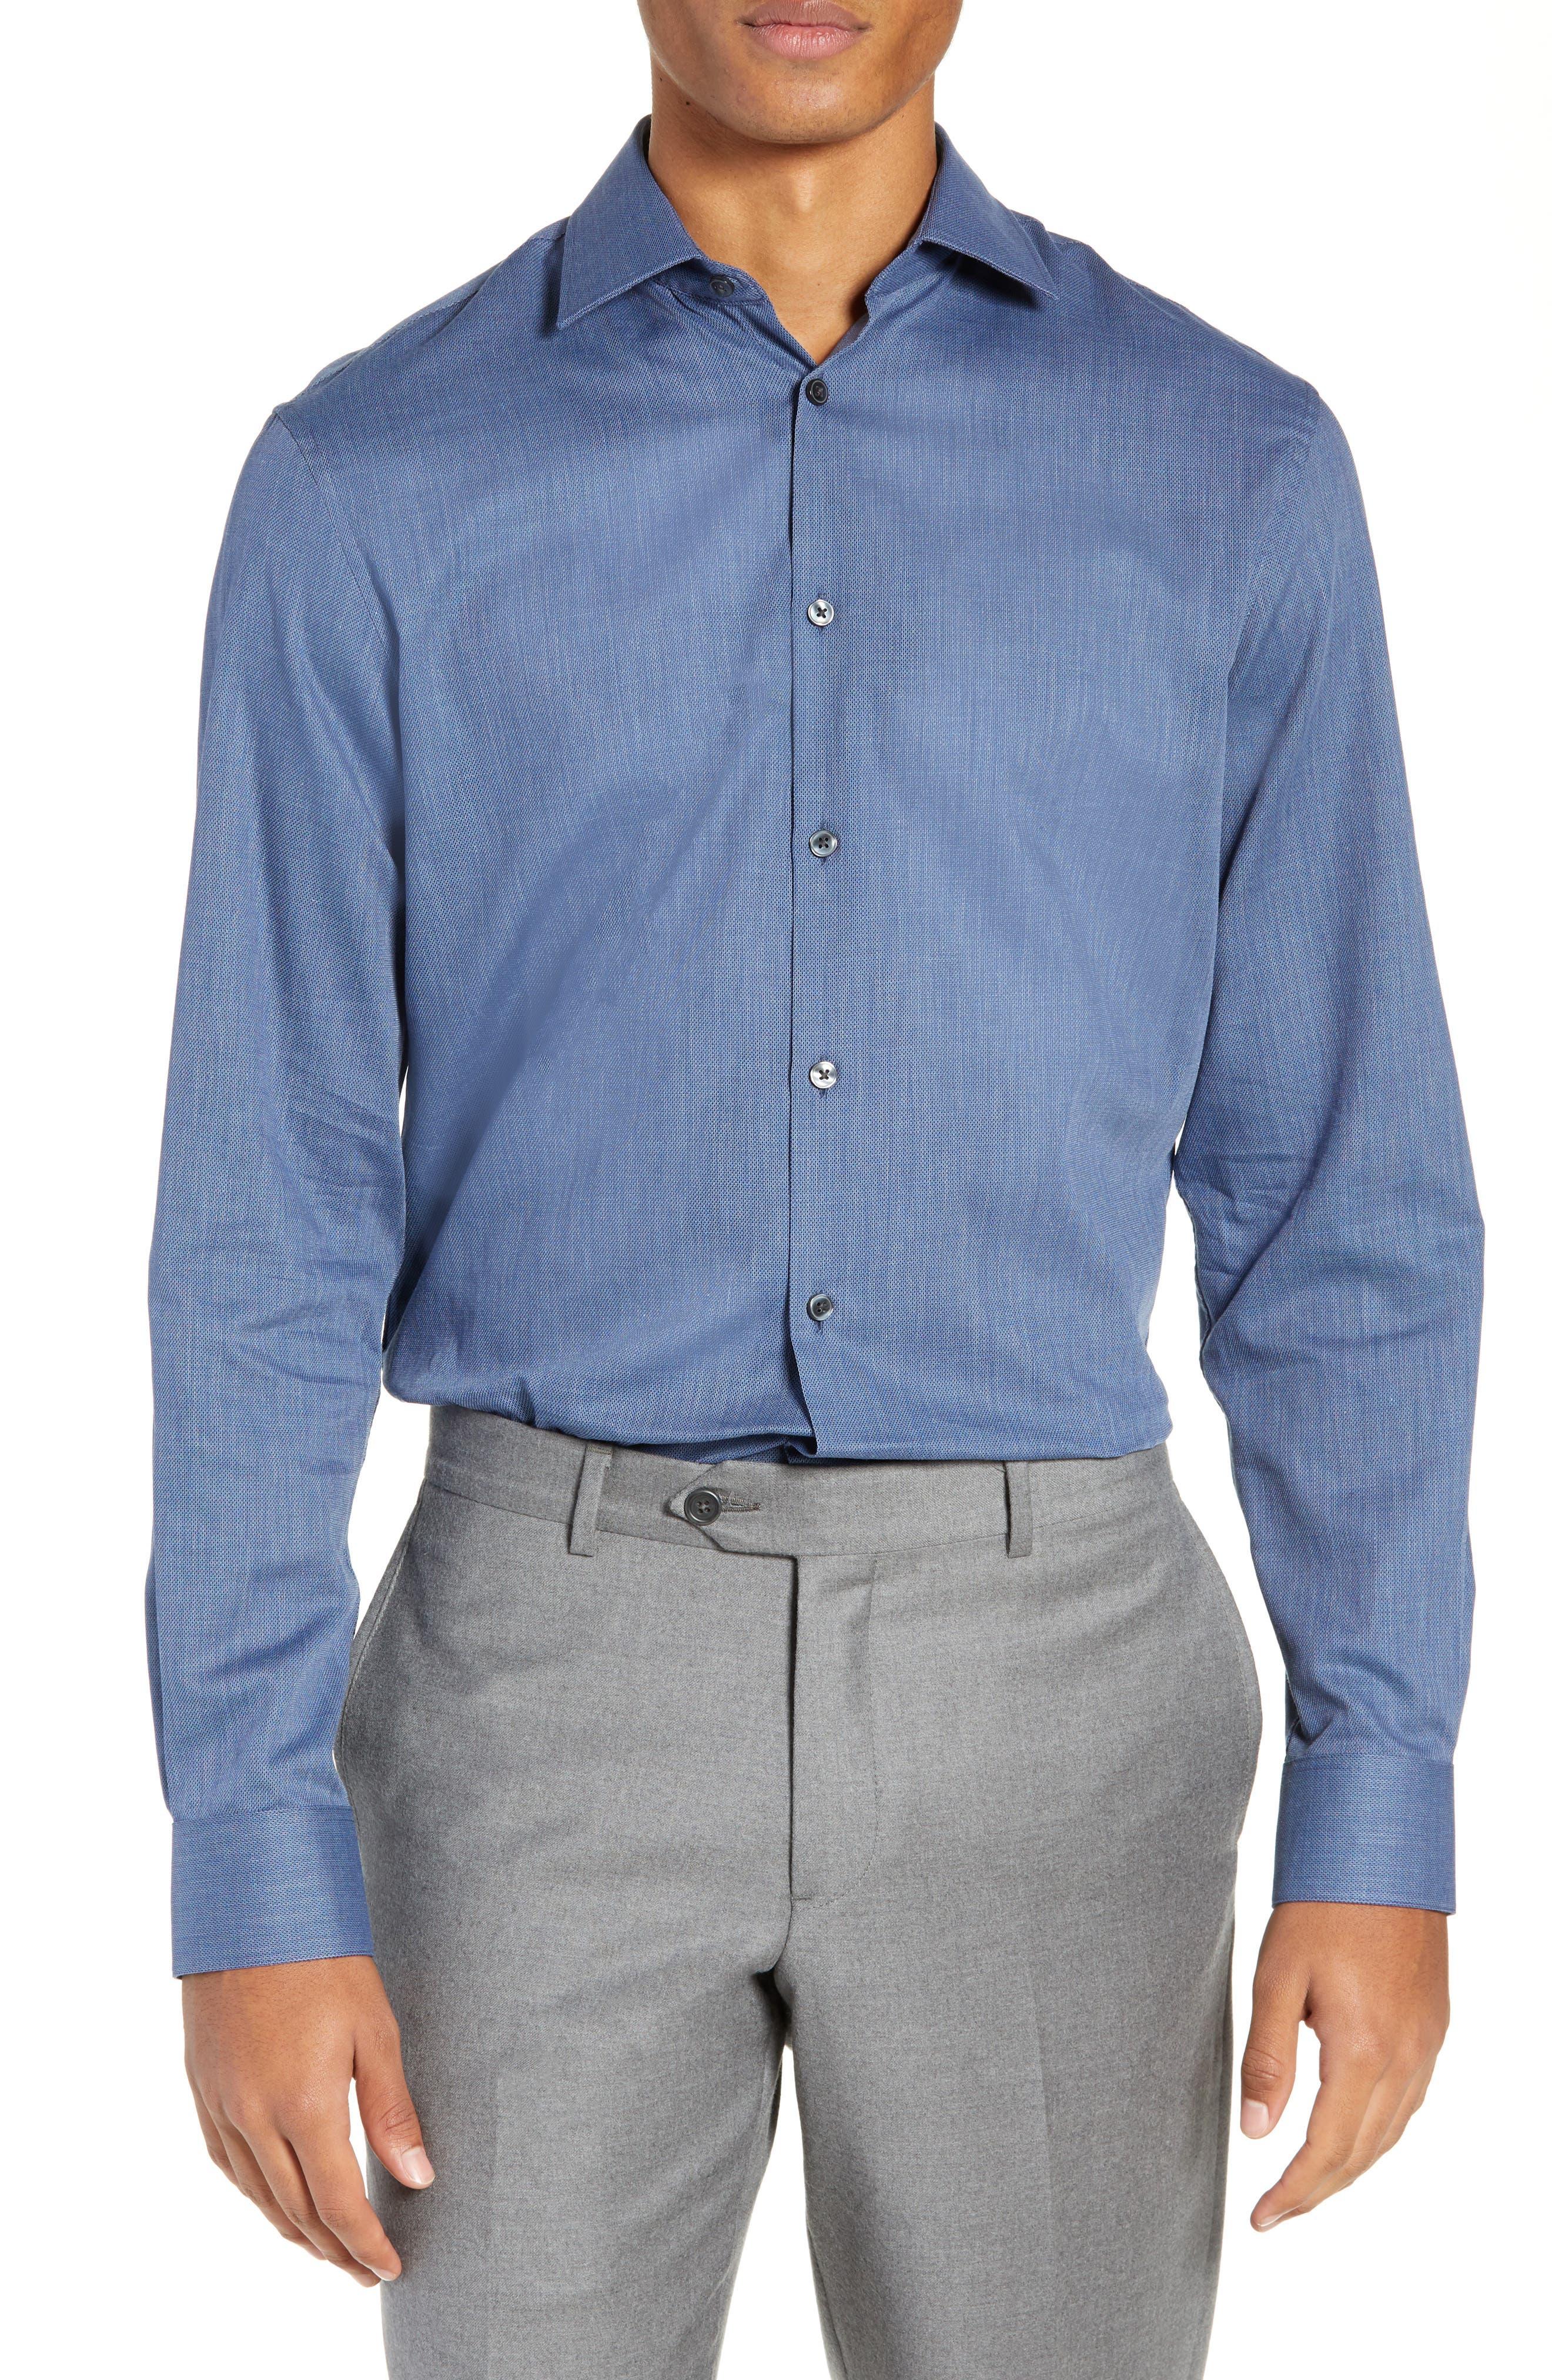 JOHN VARVATOS STAR USA Regular Fit Solid Dress Shirt, Main, color, 415